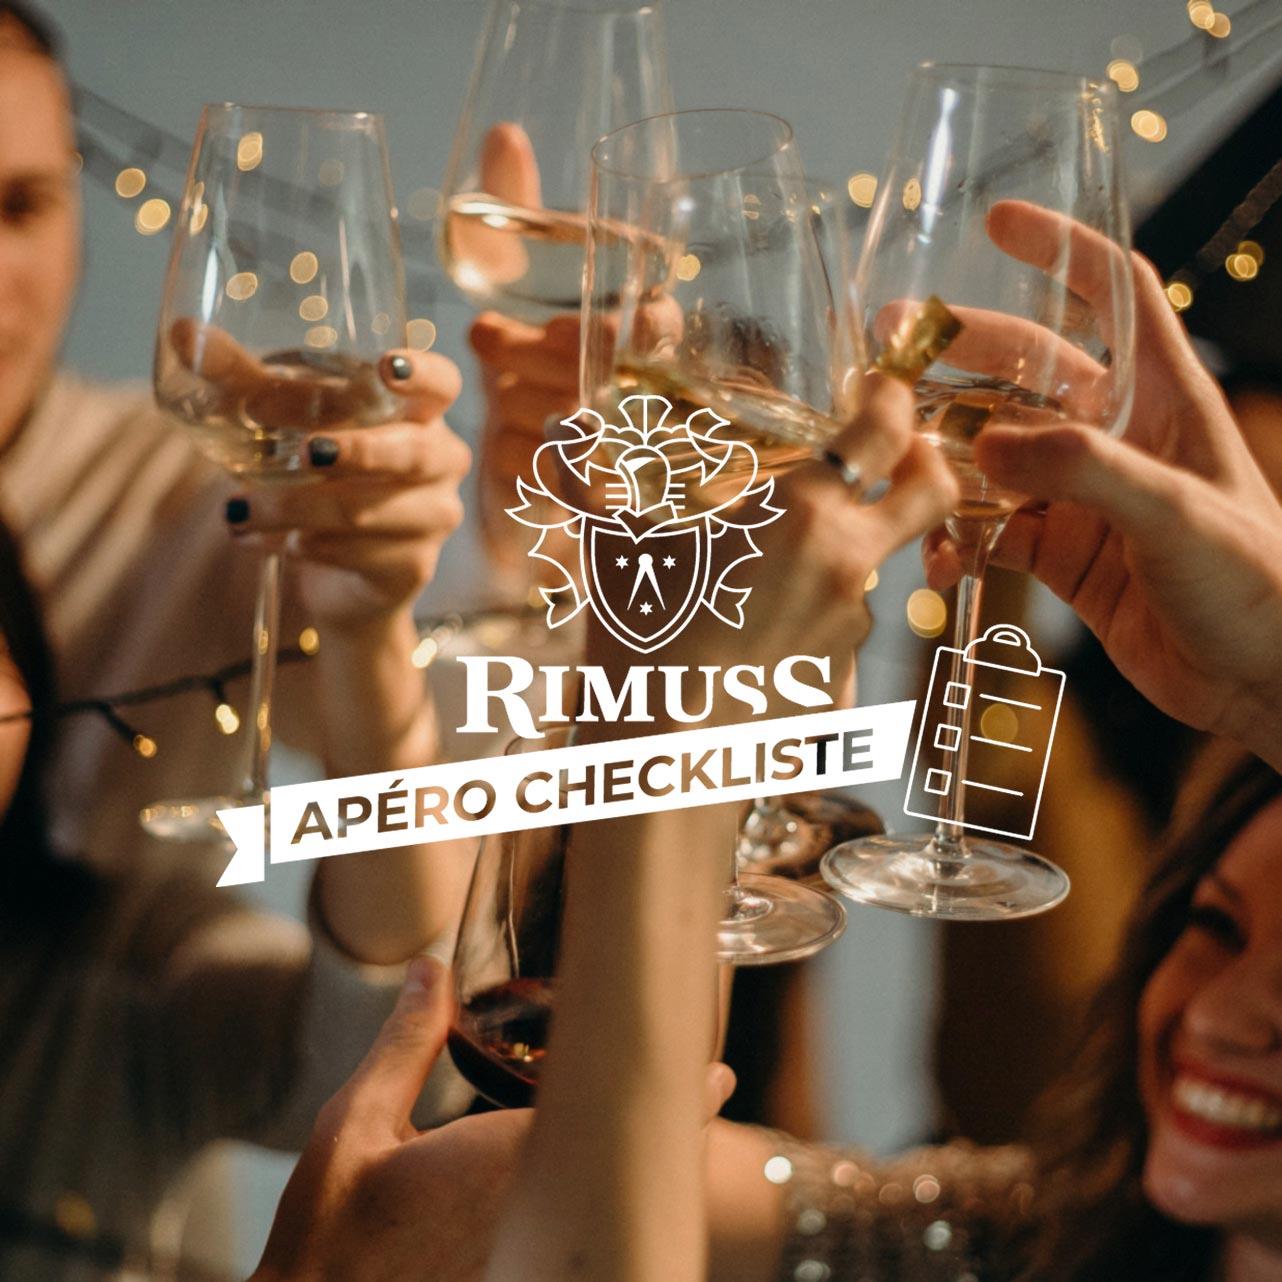 Apéro Checkliste für den Adventsapero von Rimuss